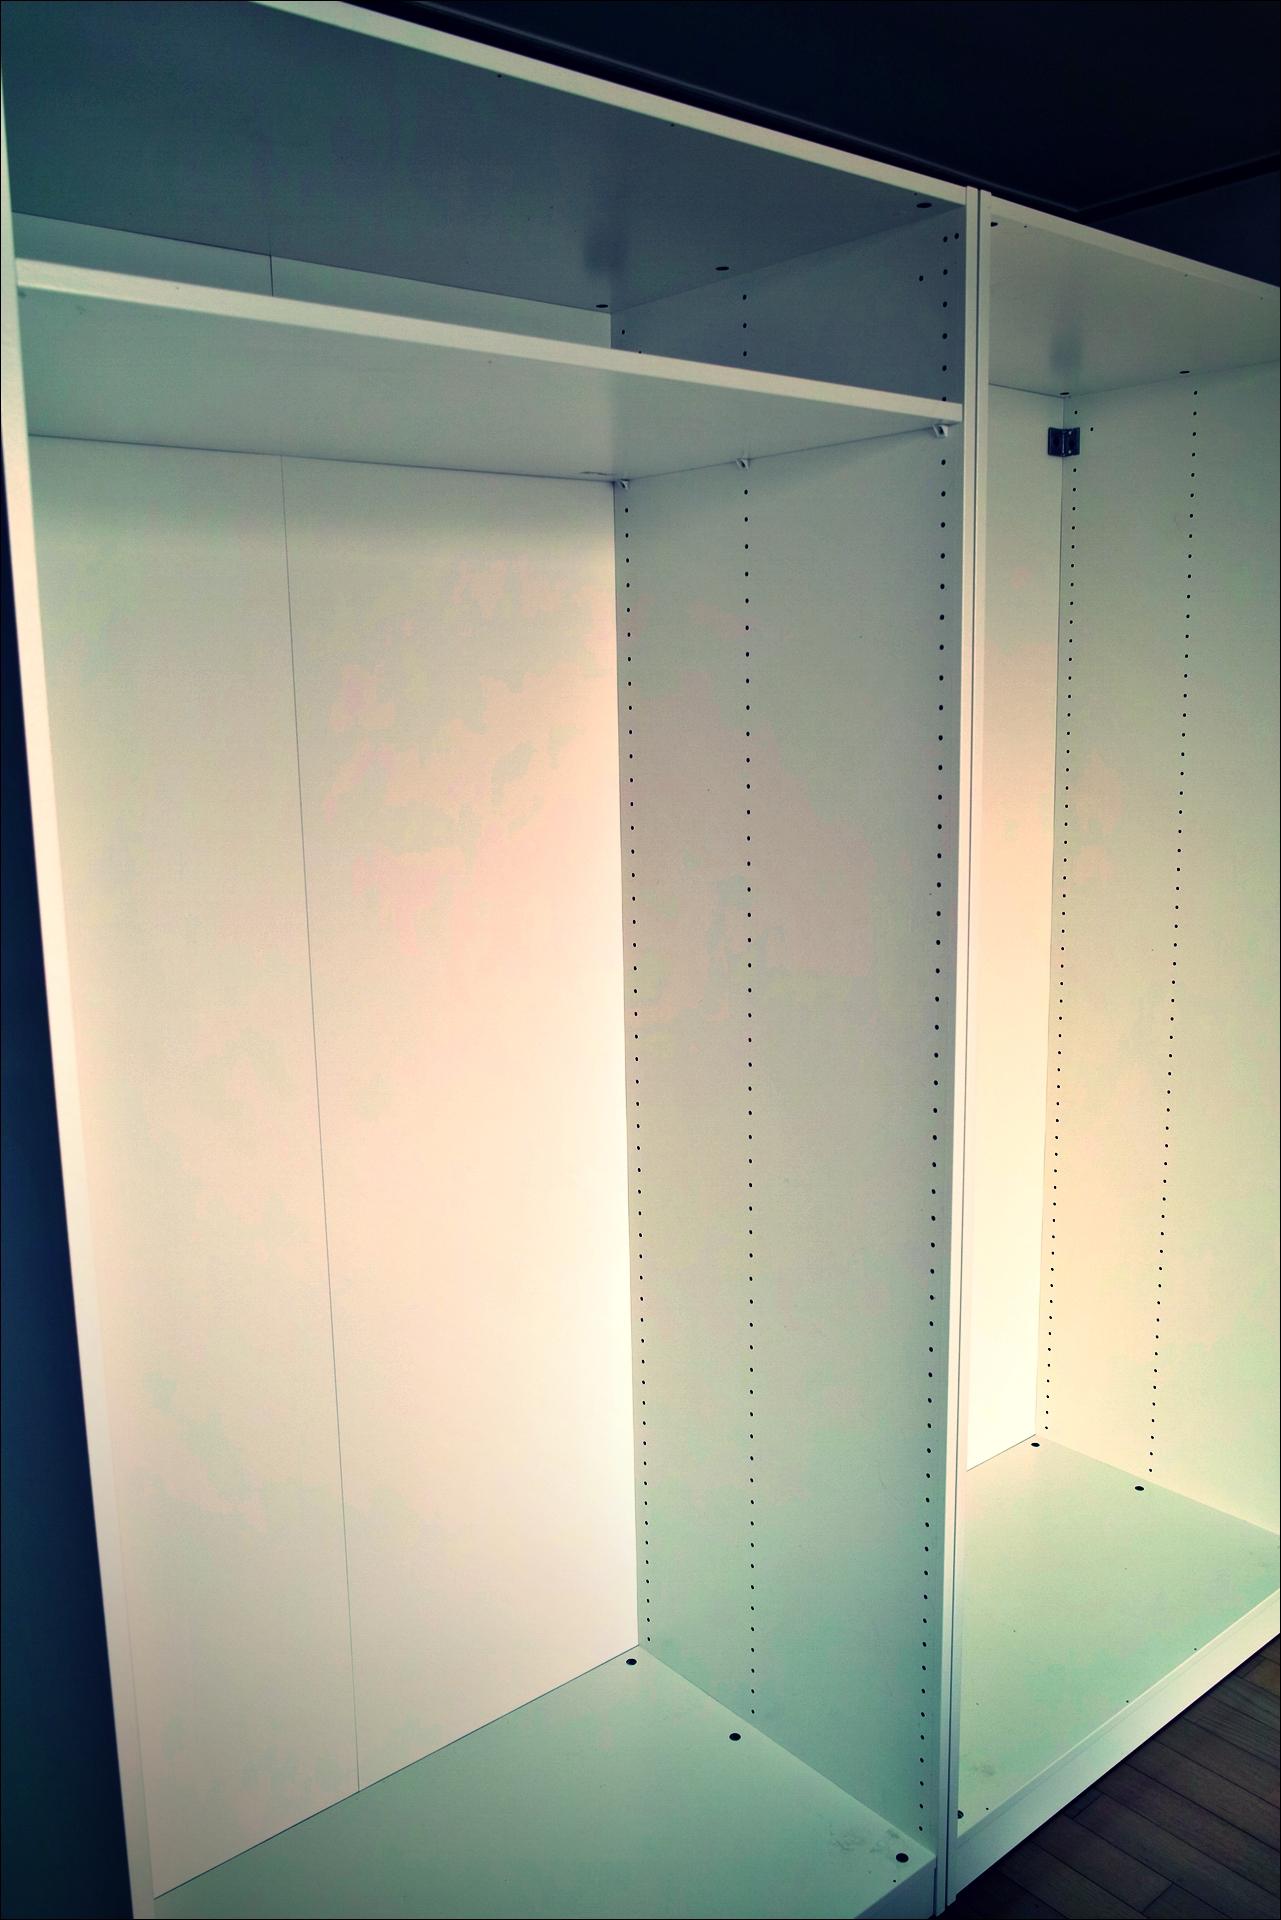 옷장 조립-'이케아 가구 조립 노하우. How to assemble ikea furnitures'